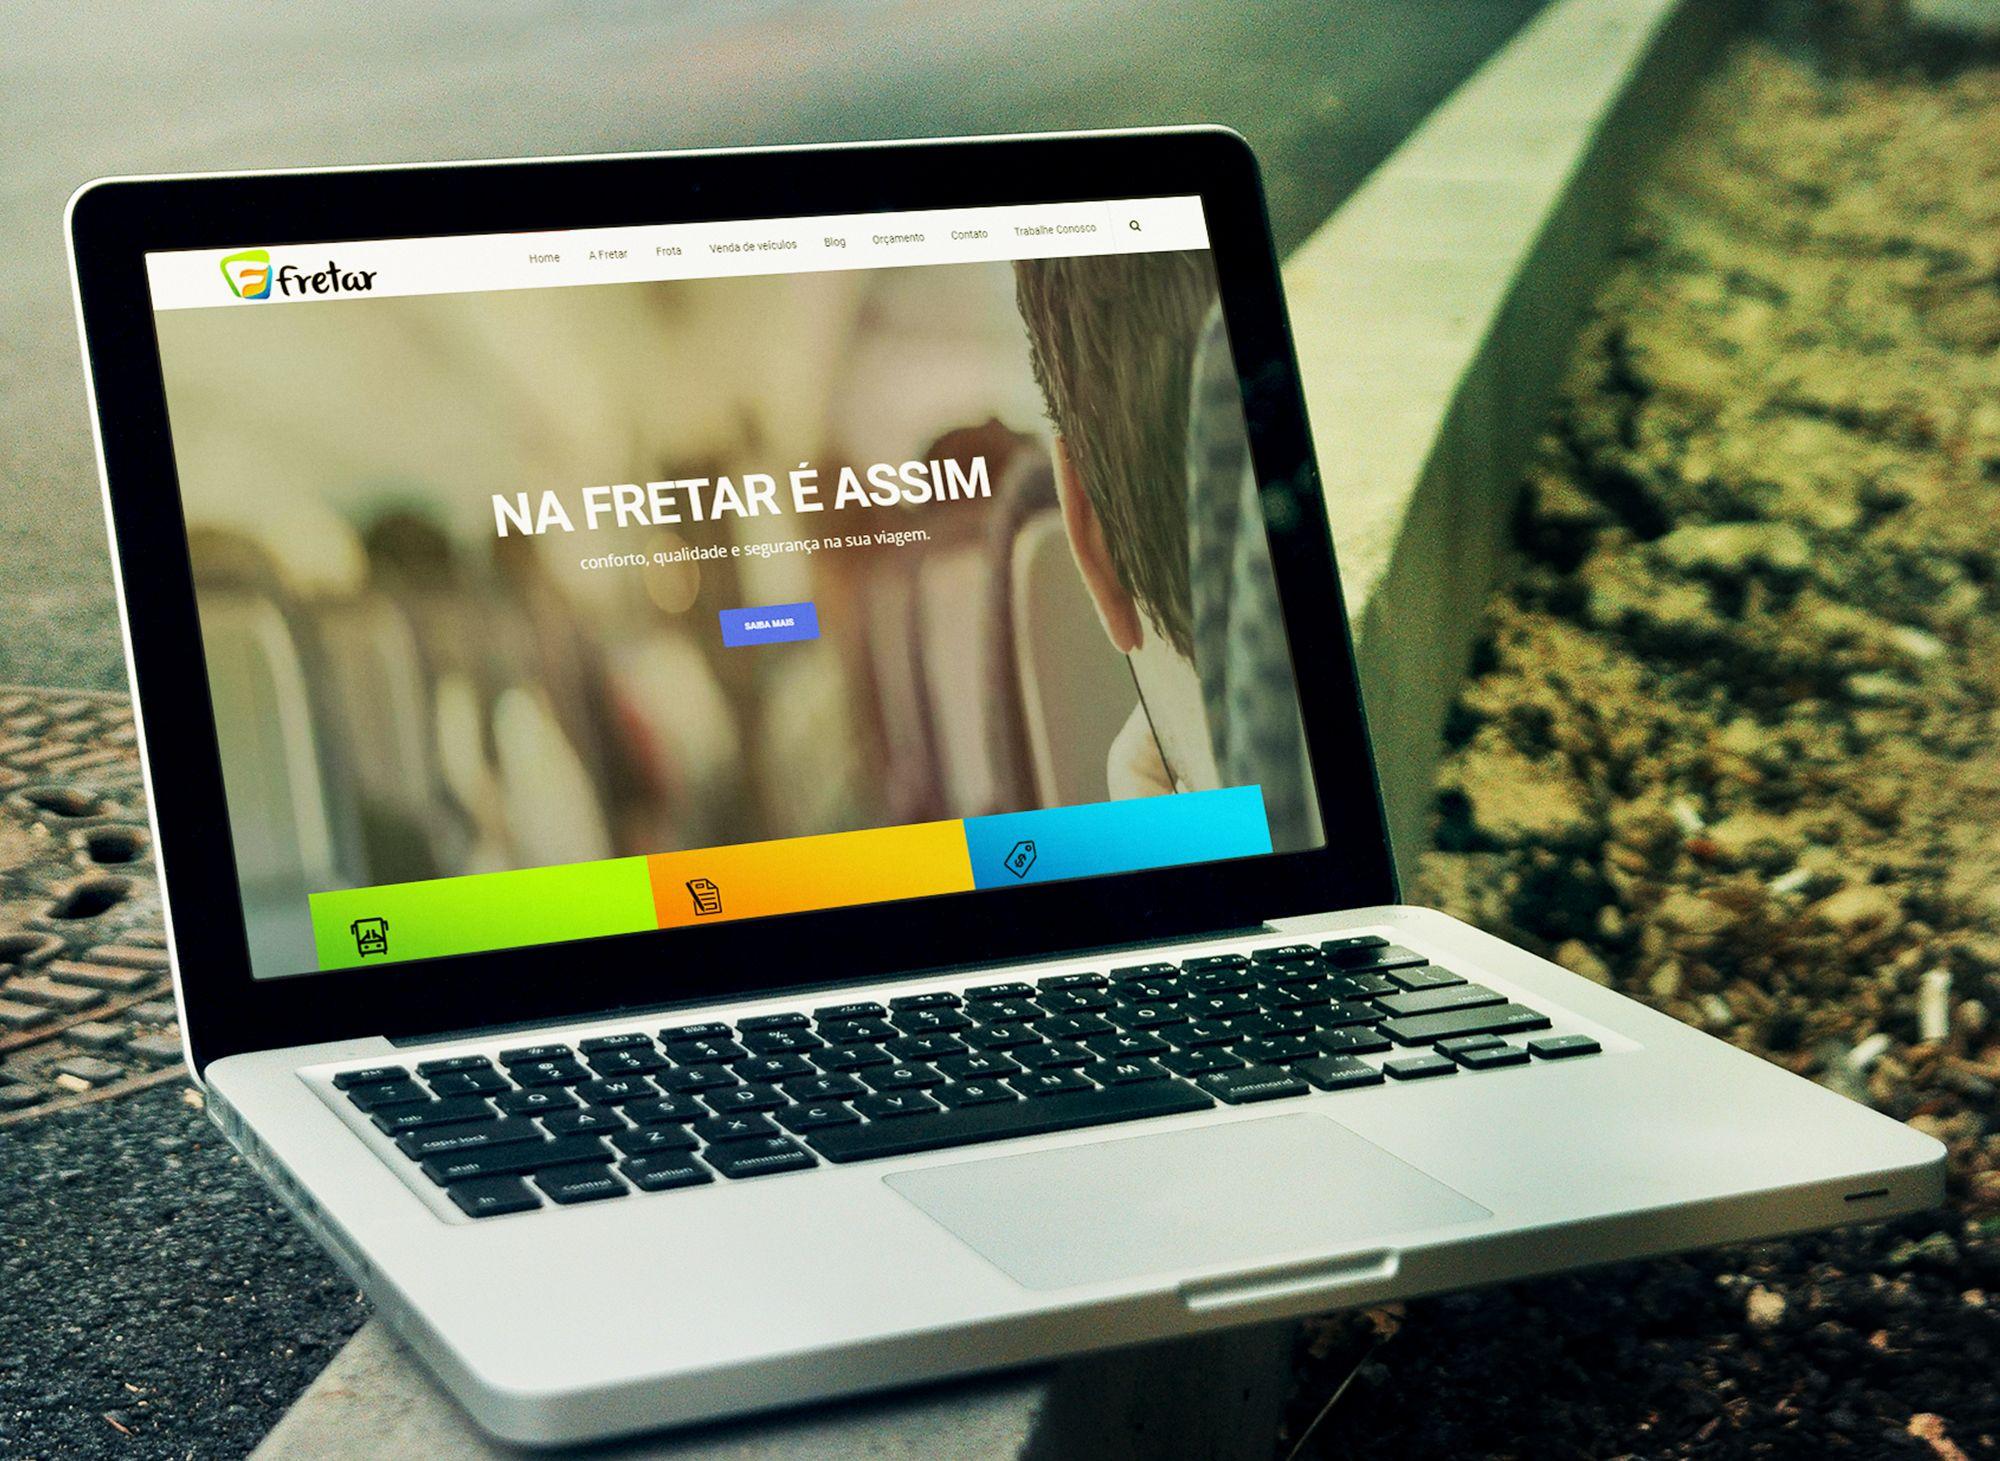 novo-site-fretar-logistica-portfolio-agencia-diretriz-digital-marketing-fortaleza